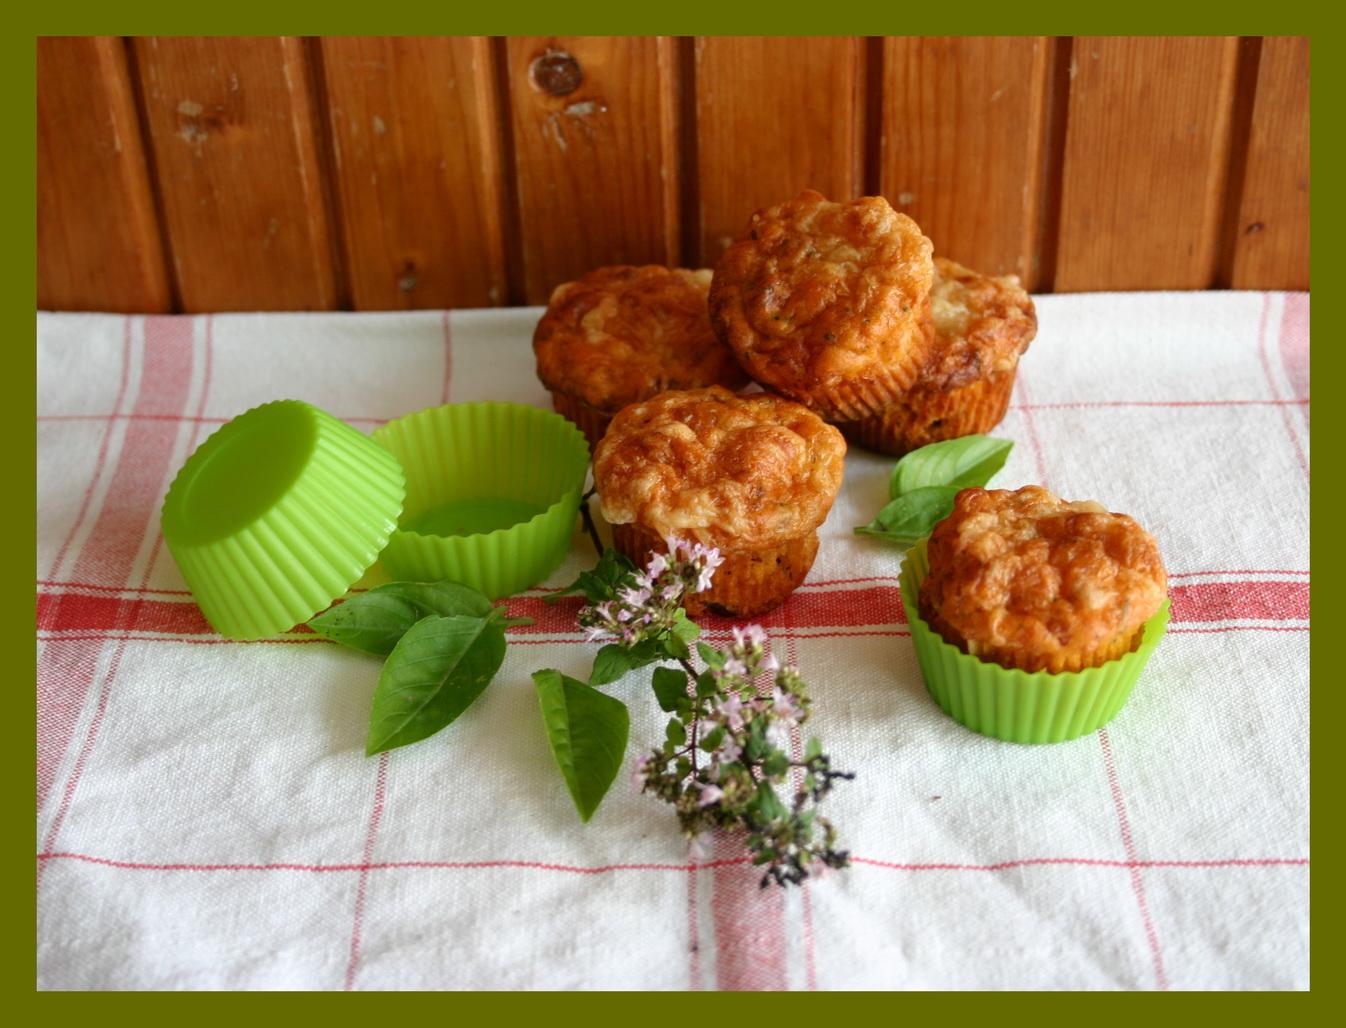 muffinmediterrano.jpg